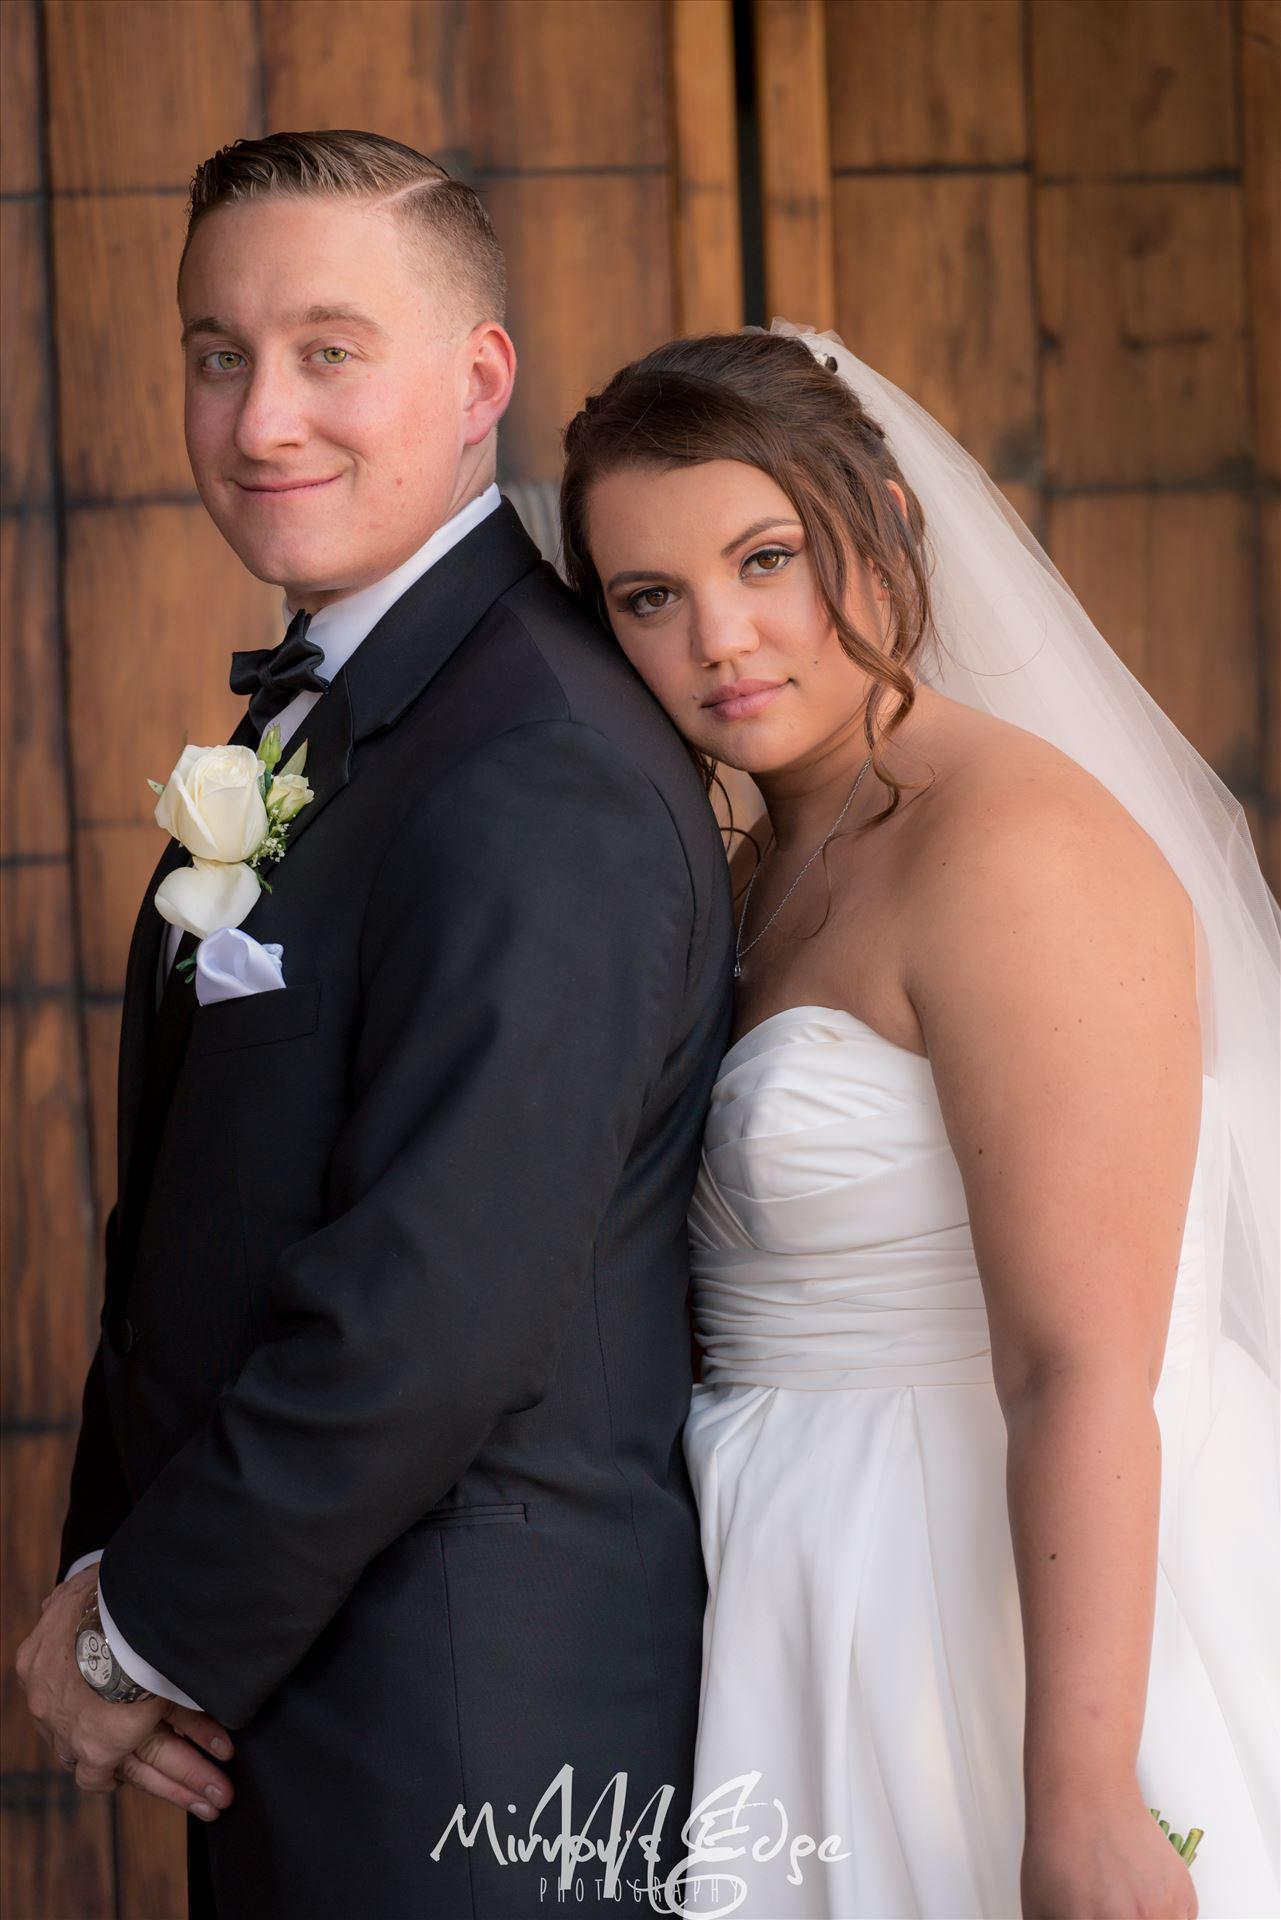 Gilroy Wedding Photography 12Mirror's Edge Photography provides wedding and engagement photography for San Luis Obispo, Arroyo Grande, Pismo Beach, Avila Beach, Morro Bay and surrounding Central Coast locations